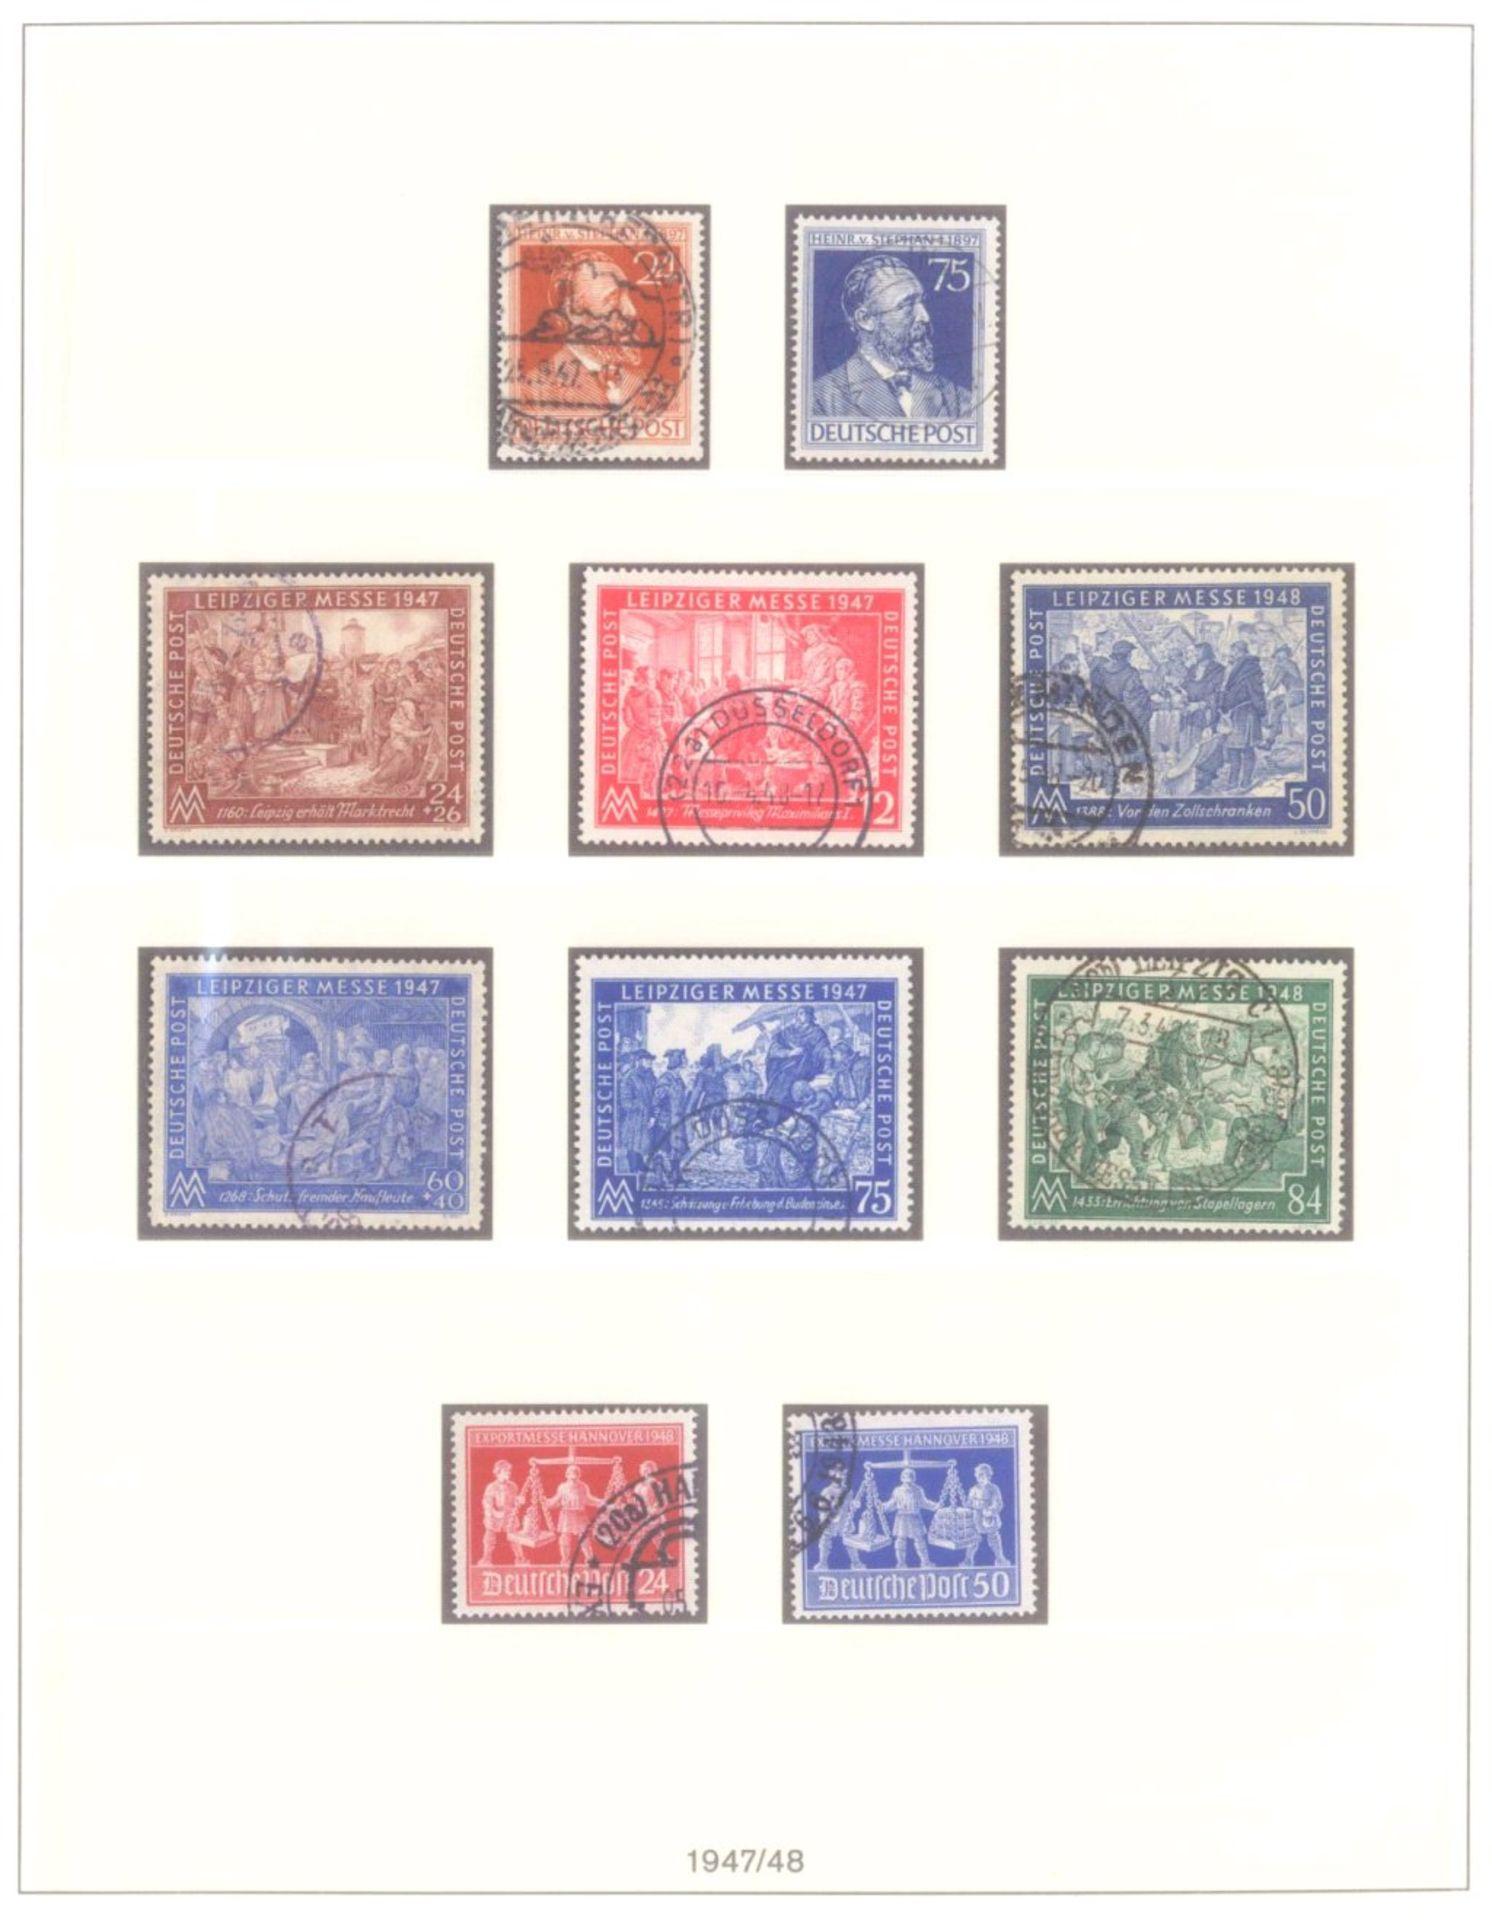 Sammlung Alliierte BesetzungAmerikanische und Britische Zone, AM Post (auch hohe Werte),sowie - Bild 8 aus 12